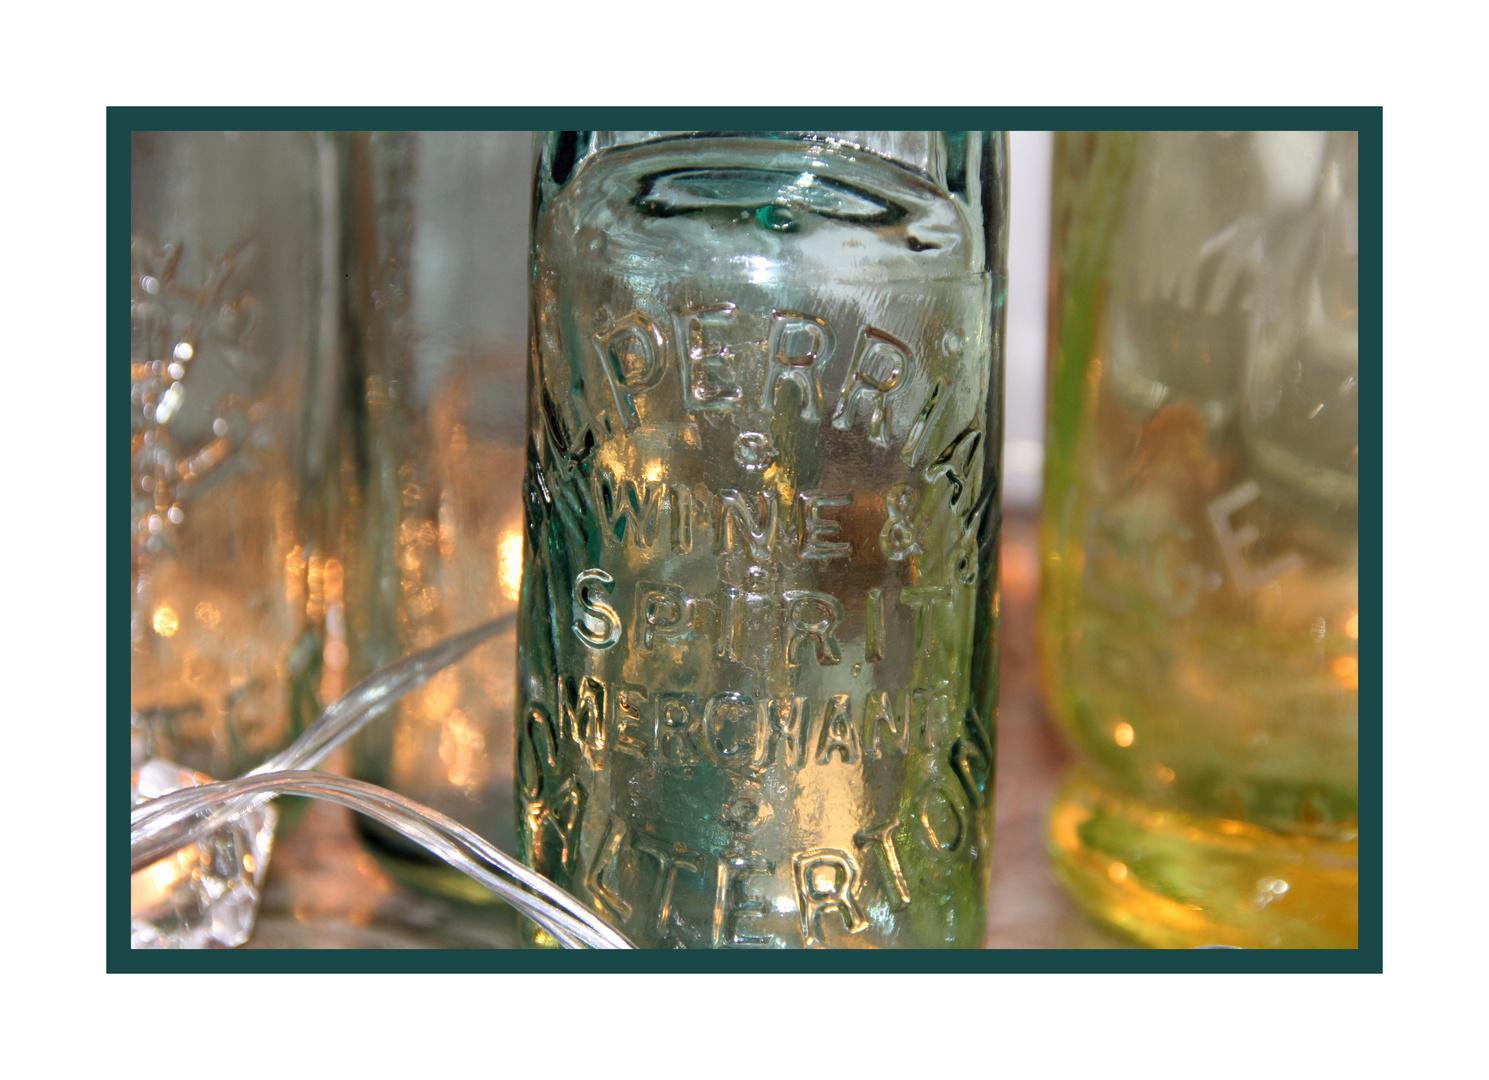 Dekoflasche im Detaill